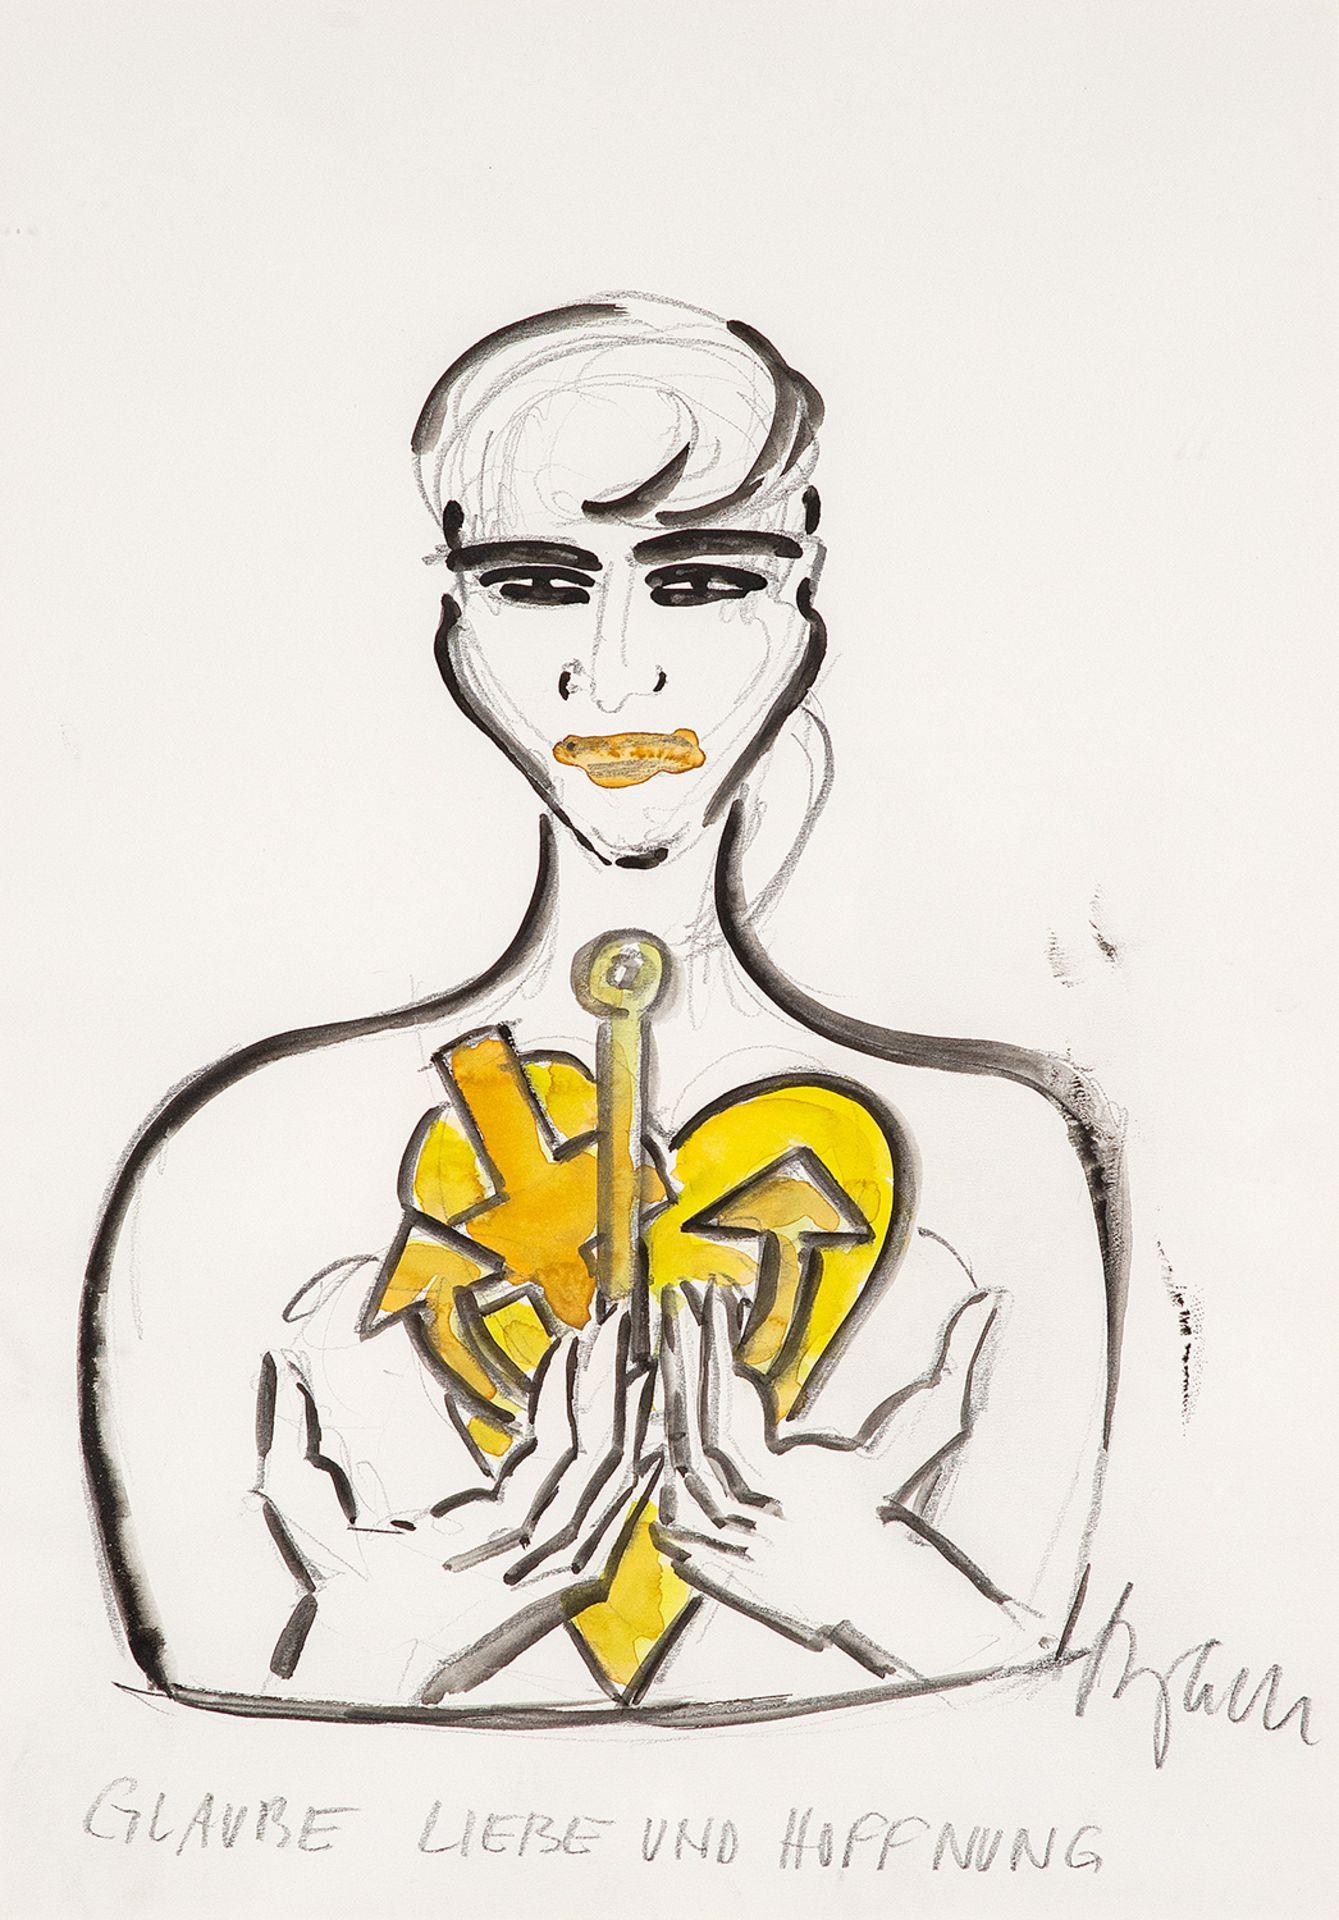 Elvira Bach – Glaube. Liebe und Hoffnung. o. J.